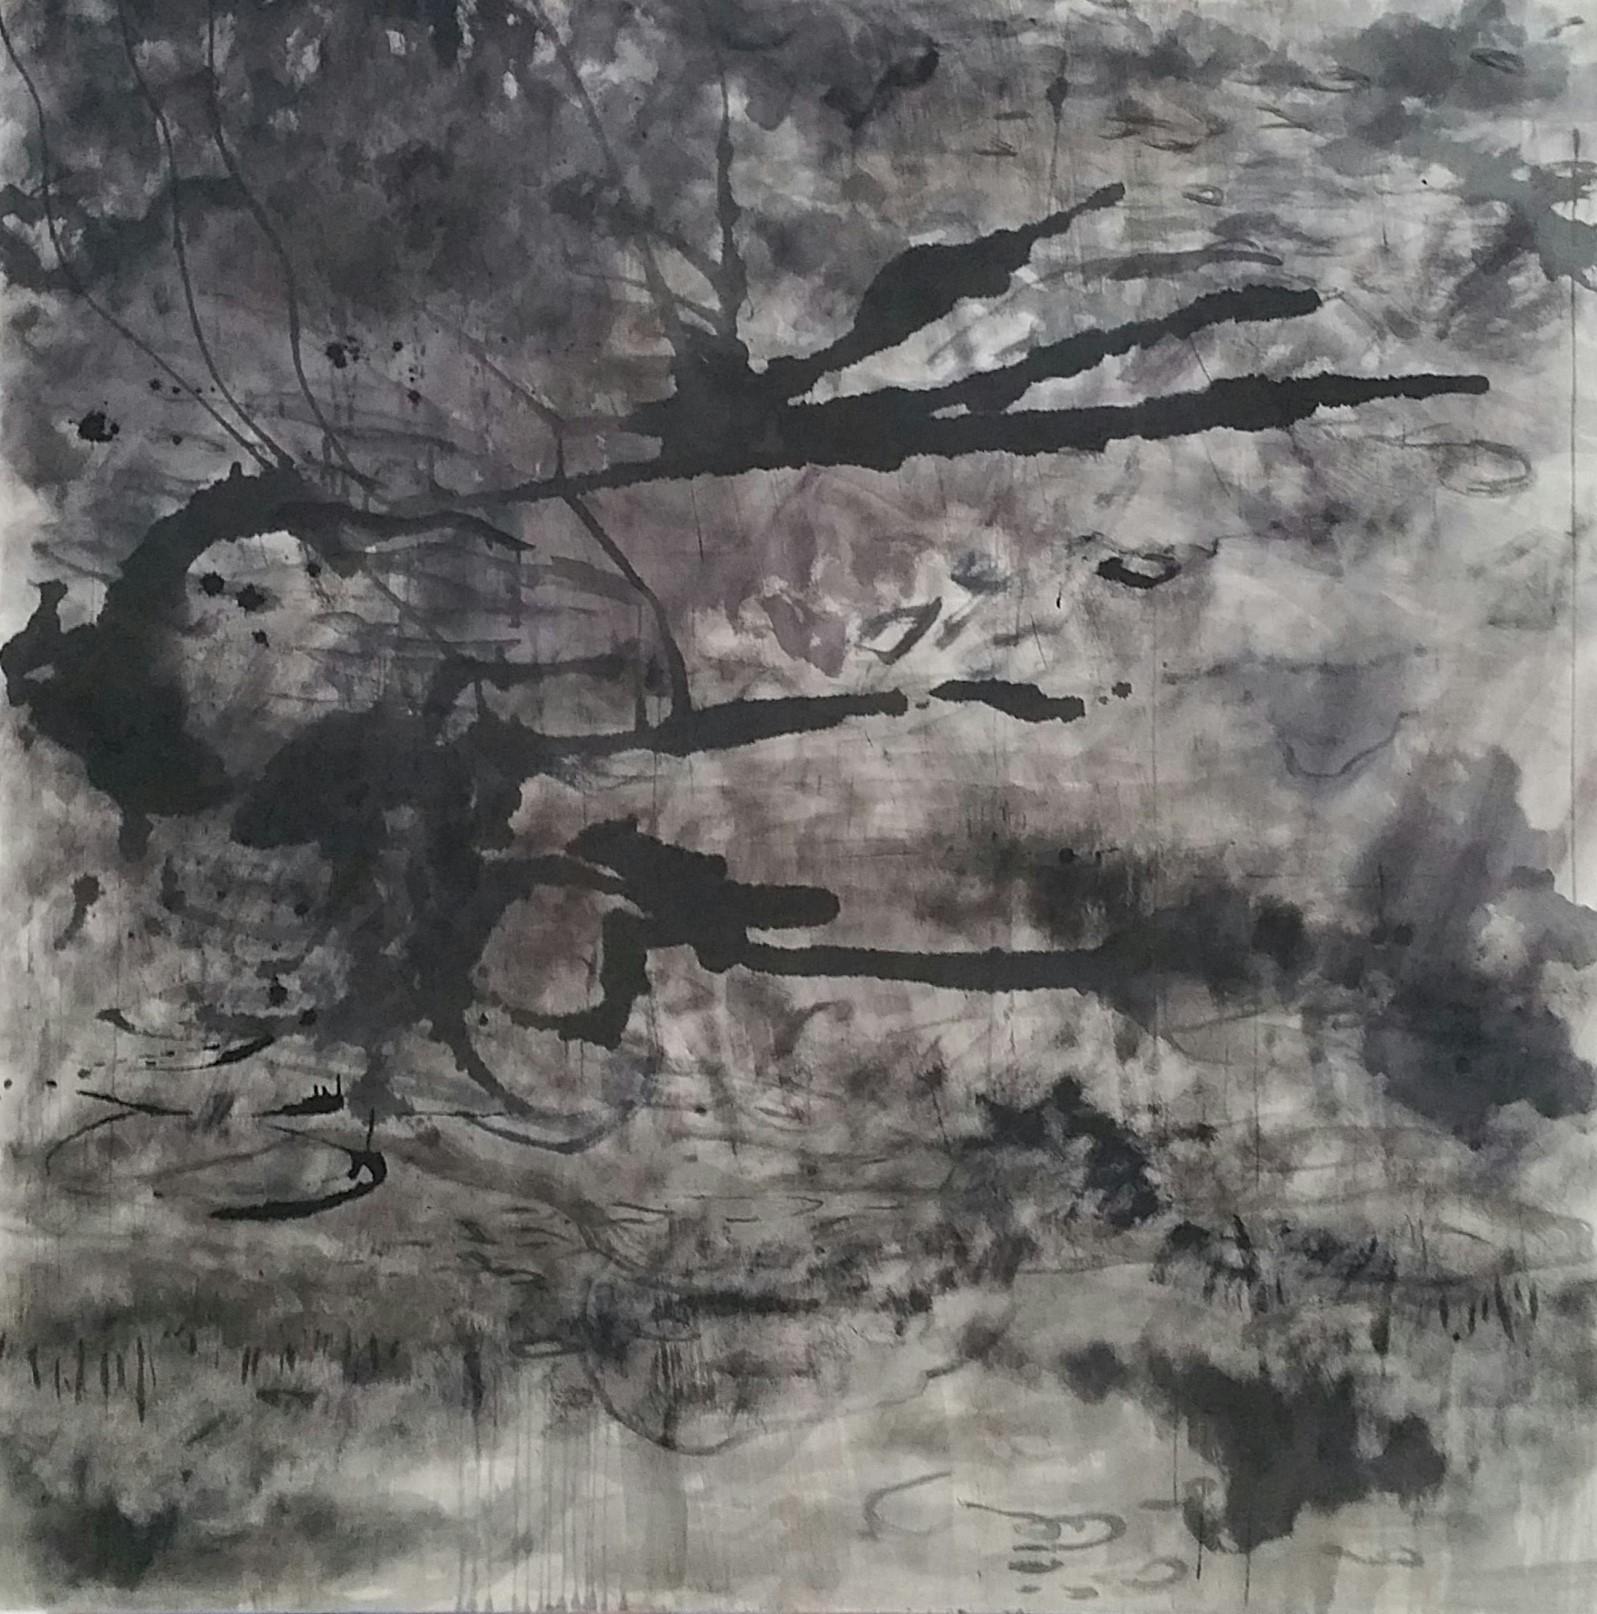 Acryl und Tusche auf Arles 190 * 190 cm